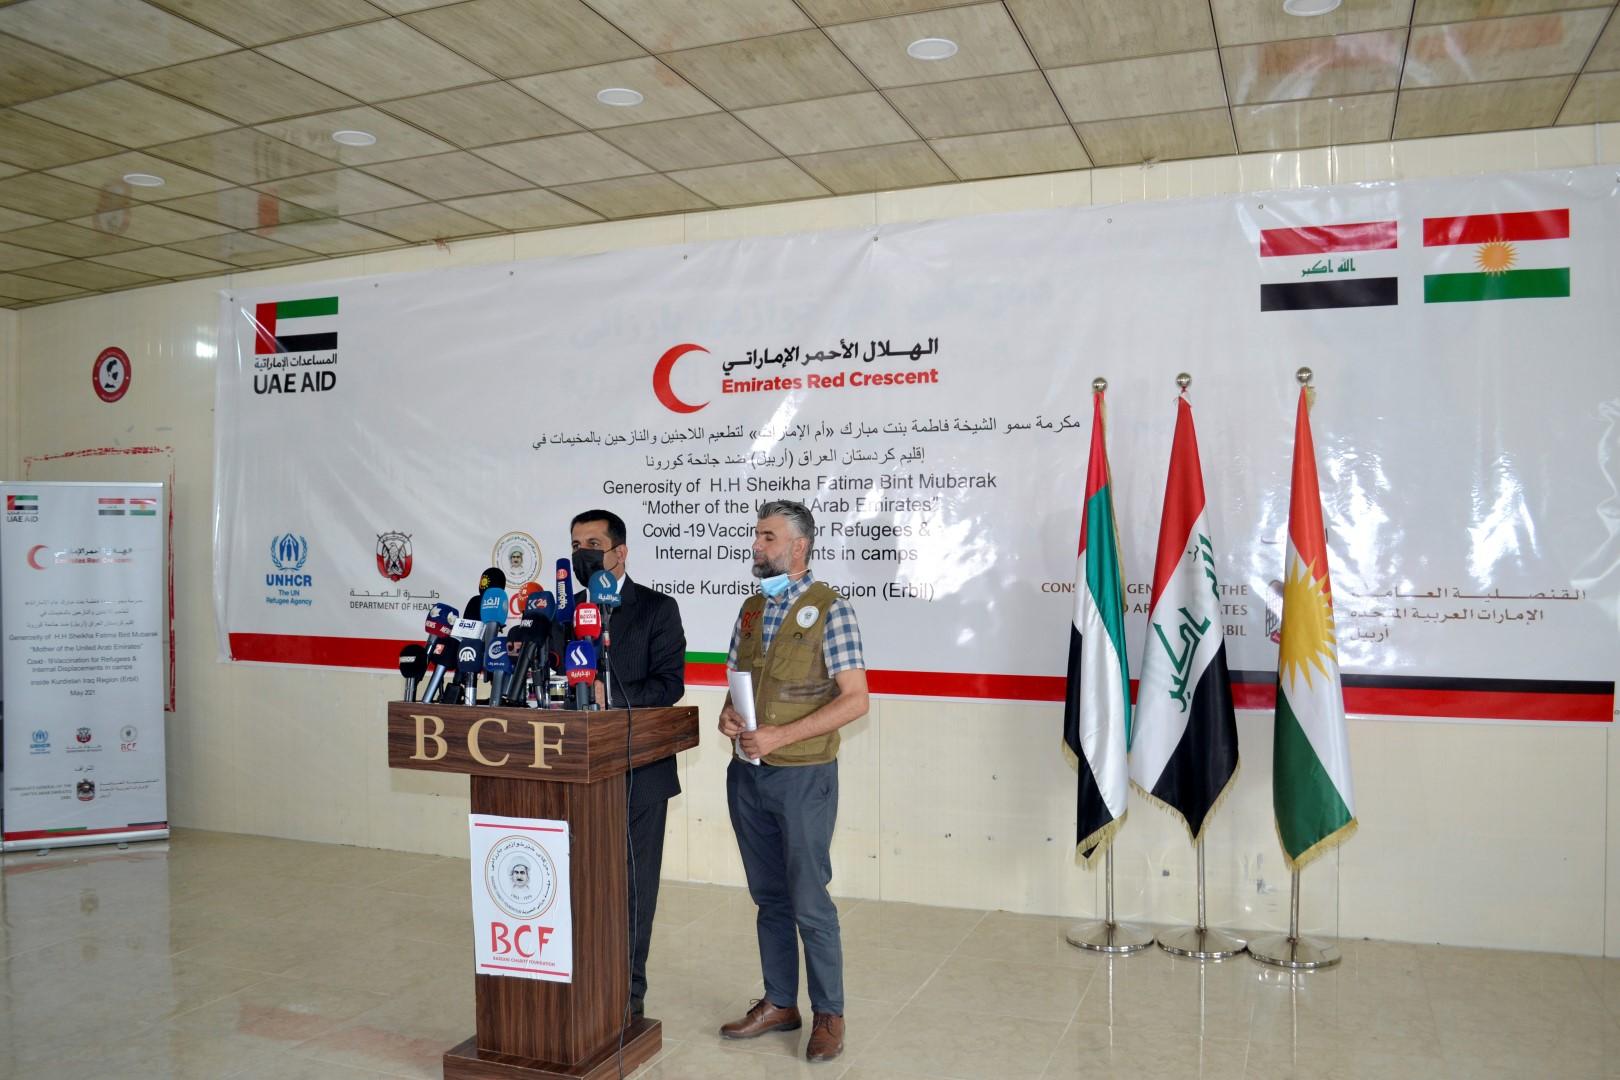 """""""الهلال"""" يدشن برنامجا للتطعيم ضد """"كورونا"""" في أربيل يستهدف 15 ألف لاجىء ونازح في مرحلته الأولى"""